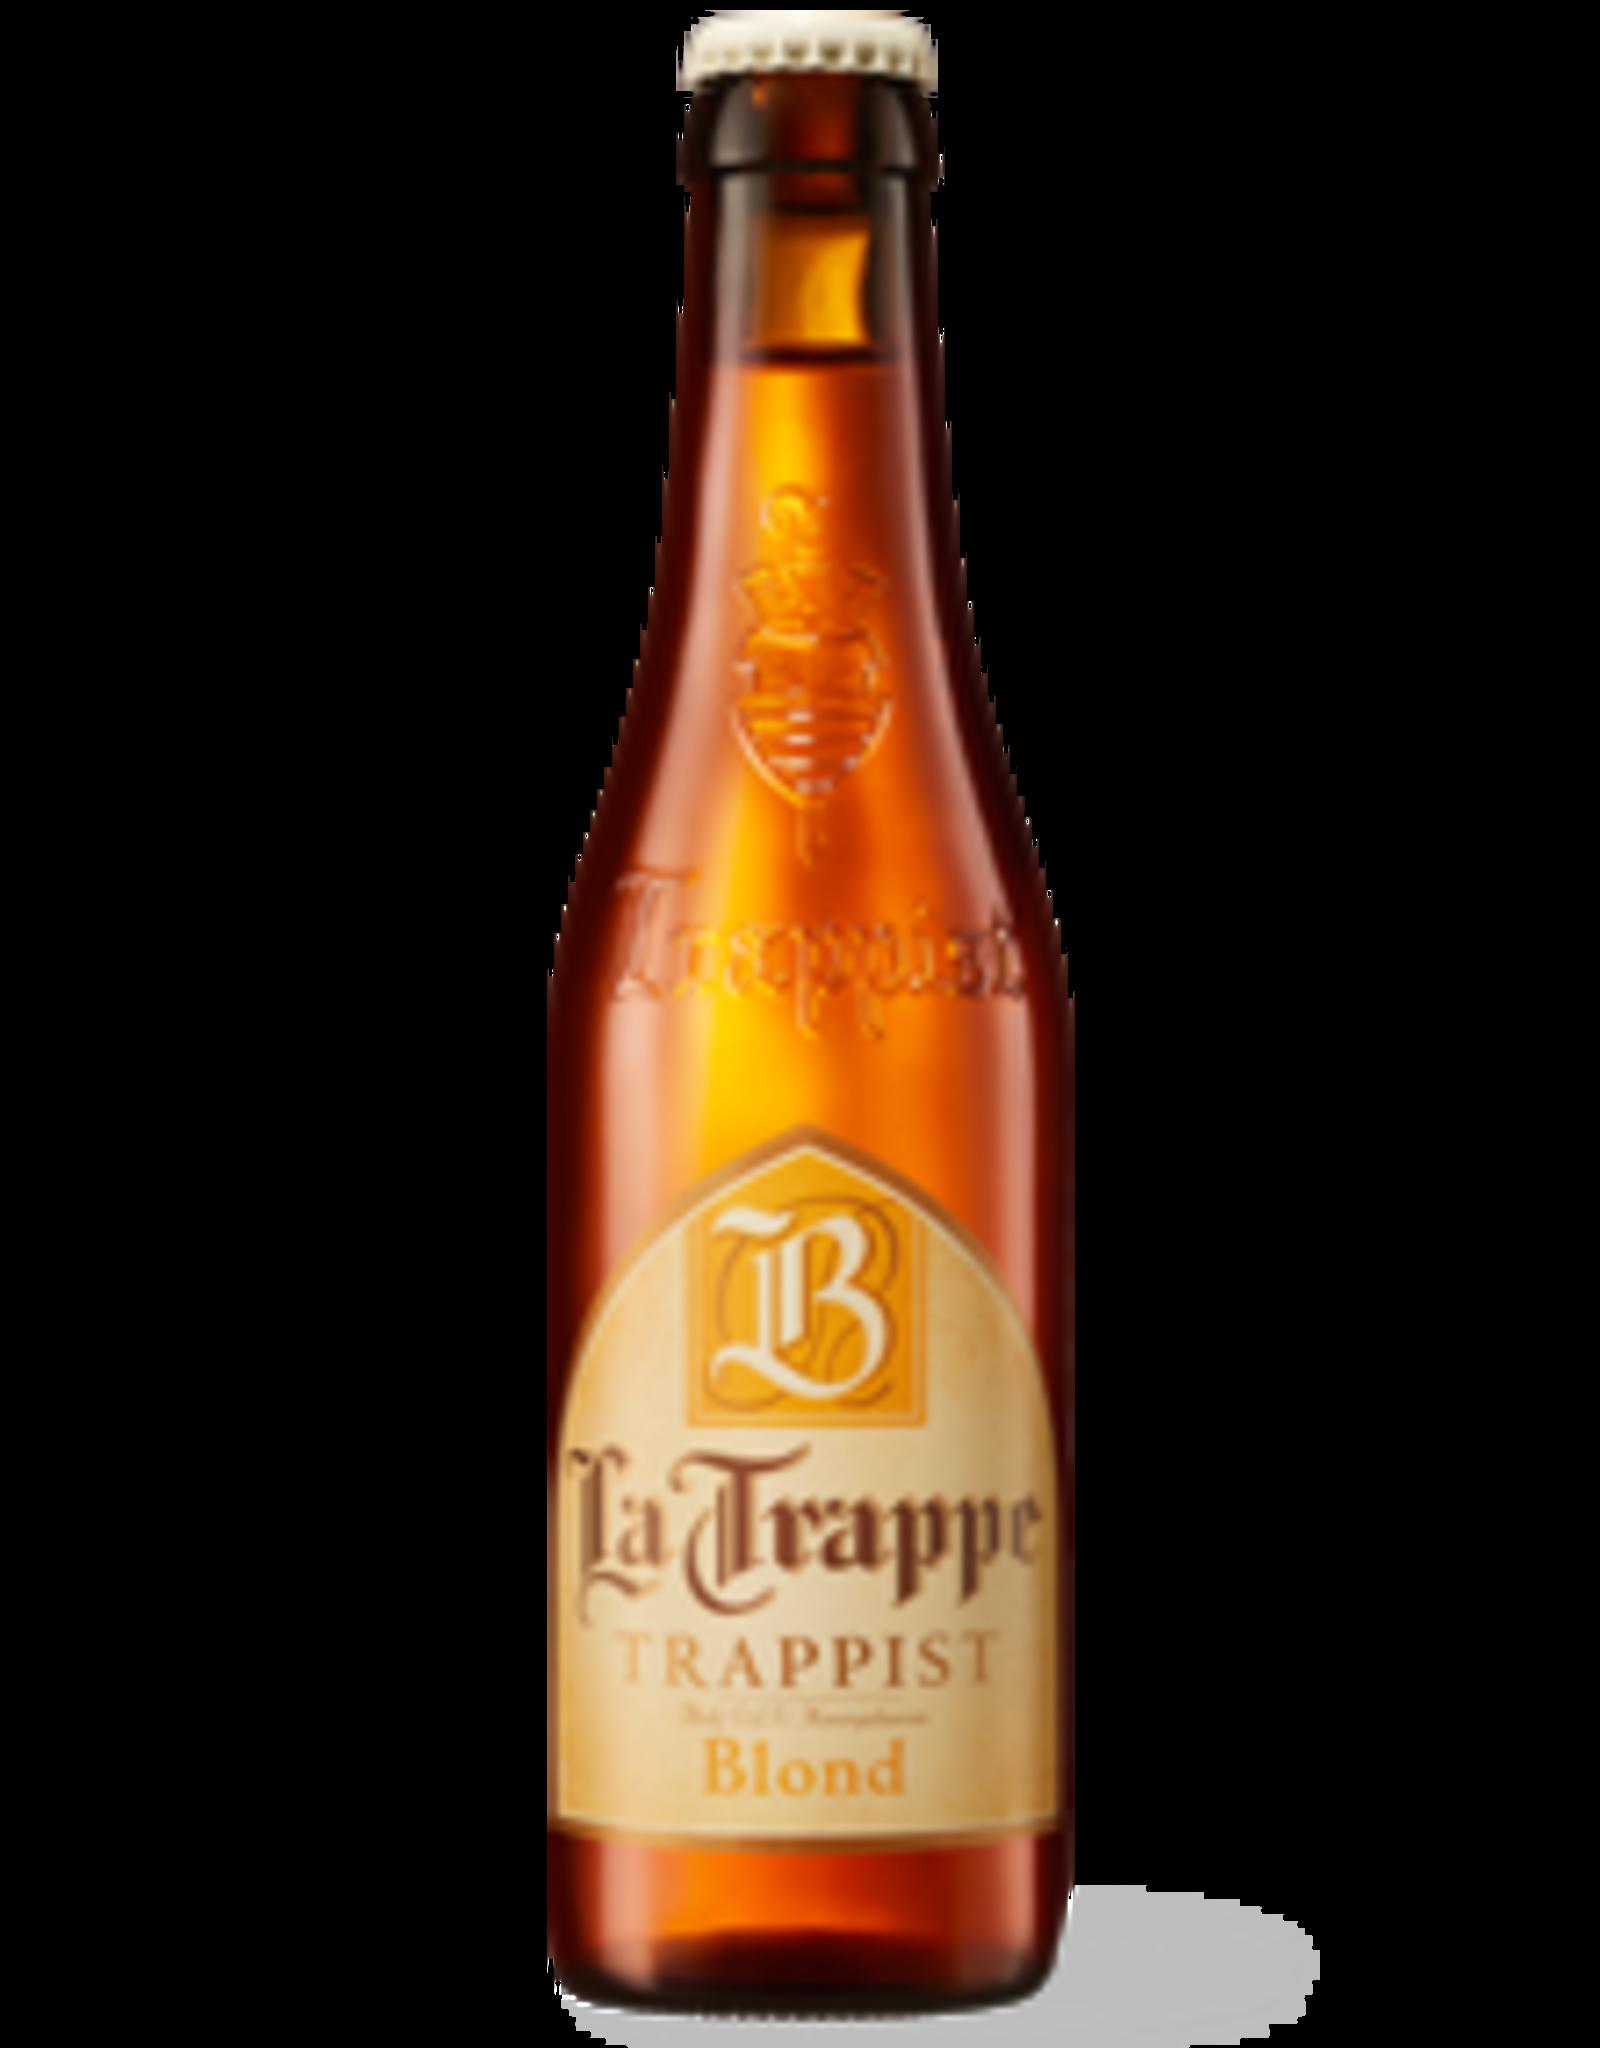 La Trappe La Trappe Blond 33cl